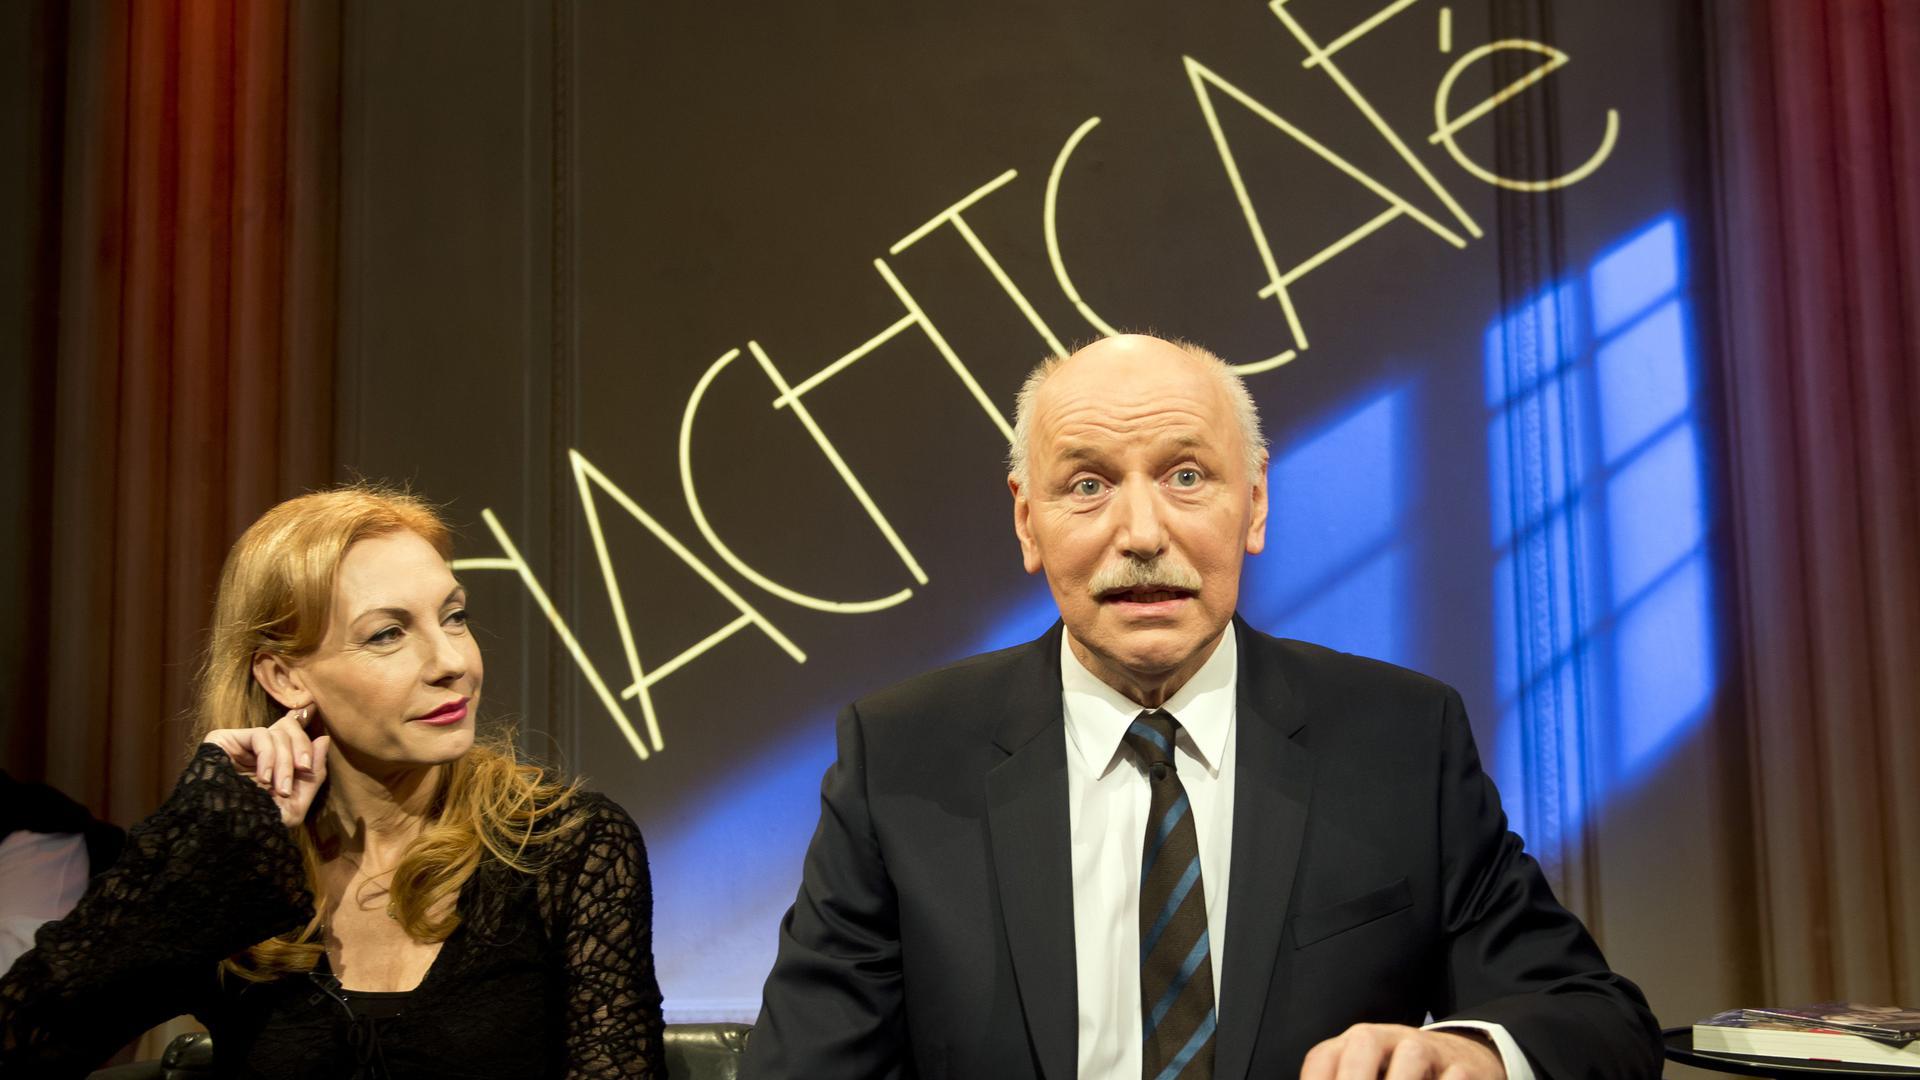 """Wieland Backes blickt zurück: Das """"Nachtcafé"""" machte den Moderator und Journalisten populär, hier mit Schauspielerin und Sängerin Ute Lemper bei der  Aufzeichnung der letzten """"Nachtcafé""""-Sendung unter seiner Ägide im Dezember 2014 in Ludwigsburg."""